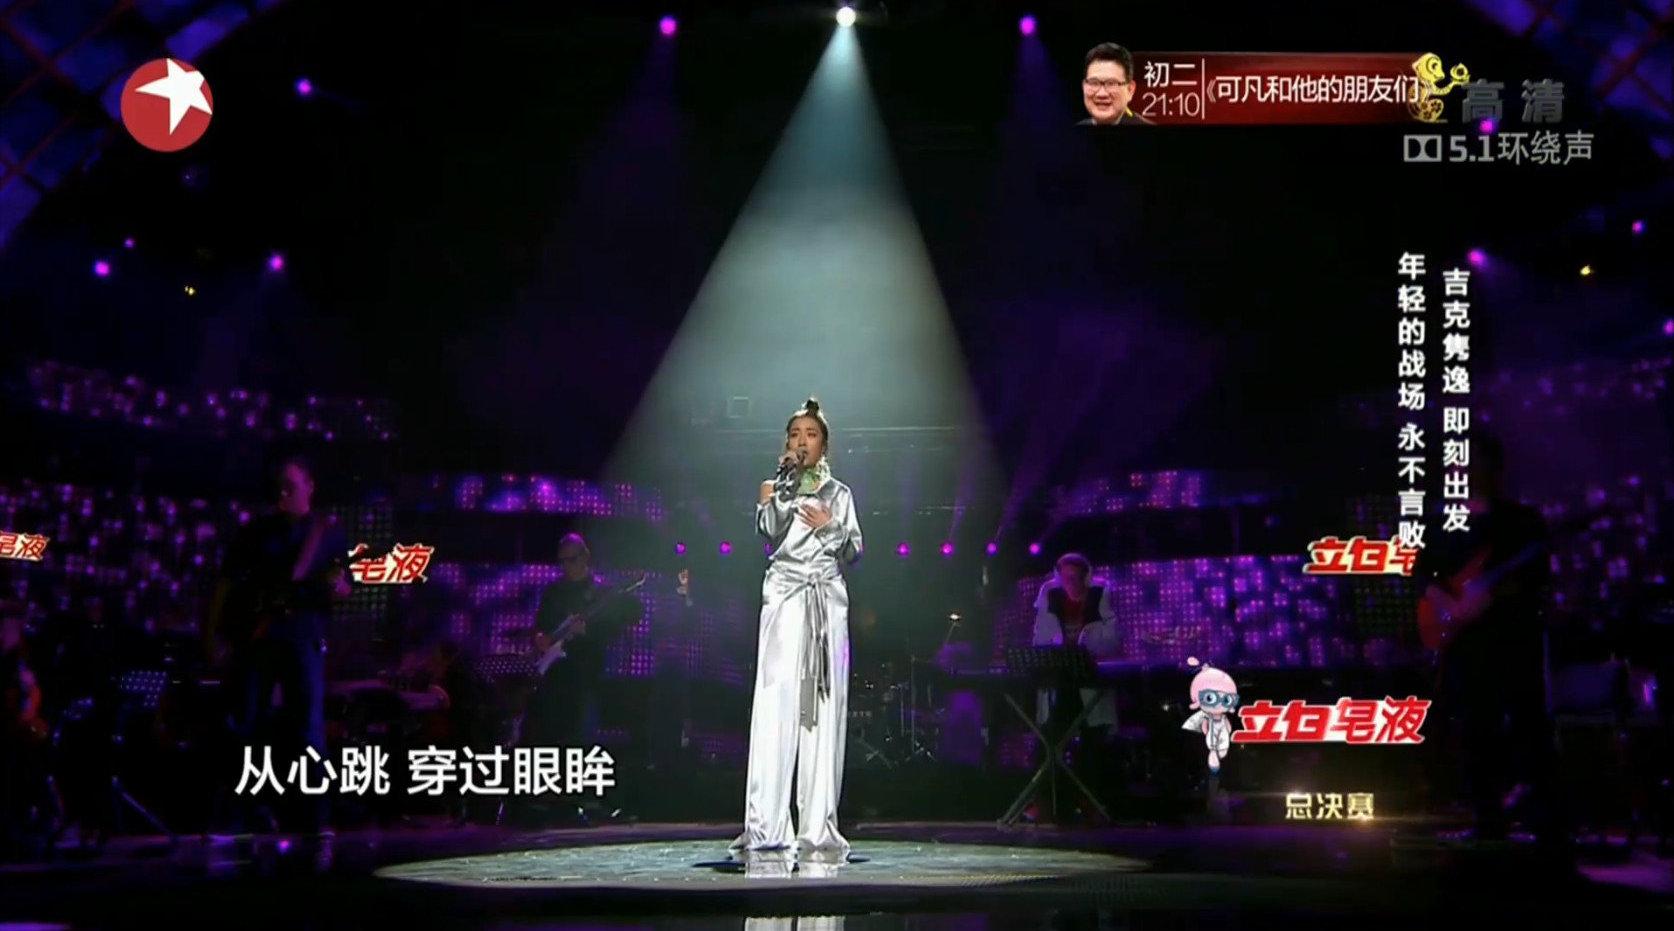 吉克隽逸 - 即刻出发 (东方卫视.中国之星160206)